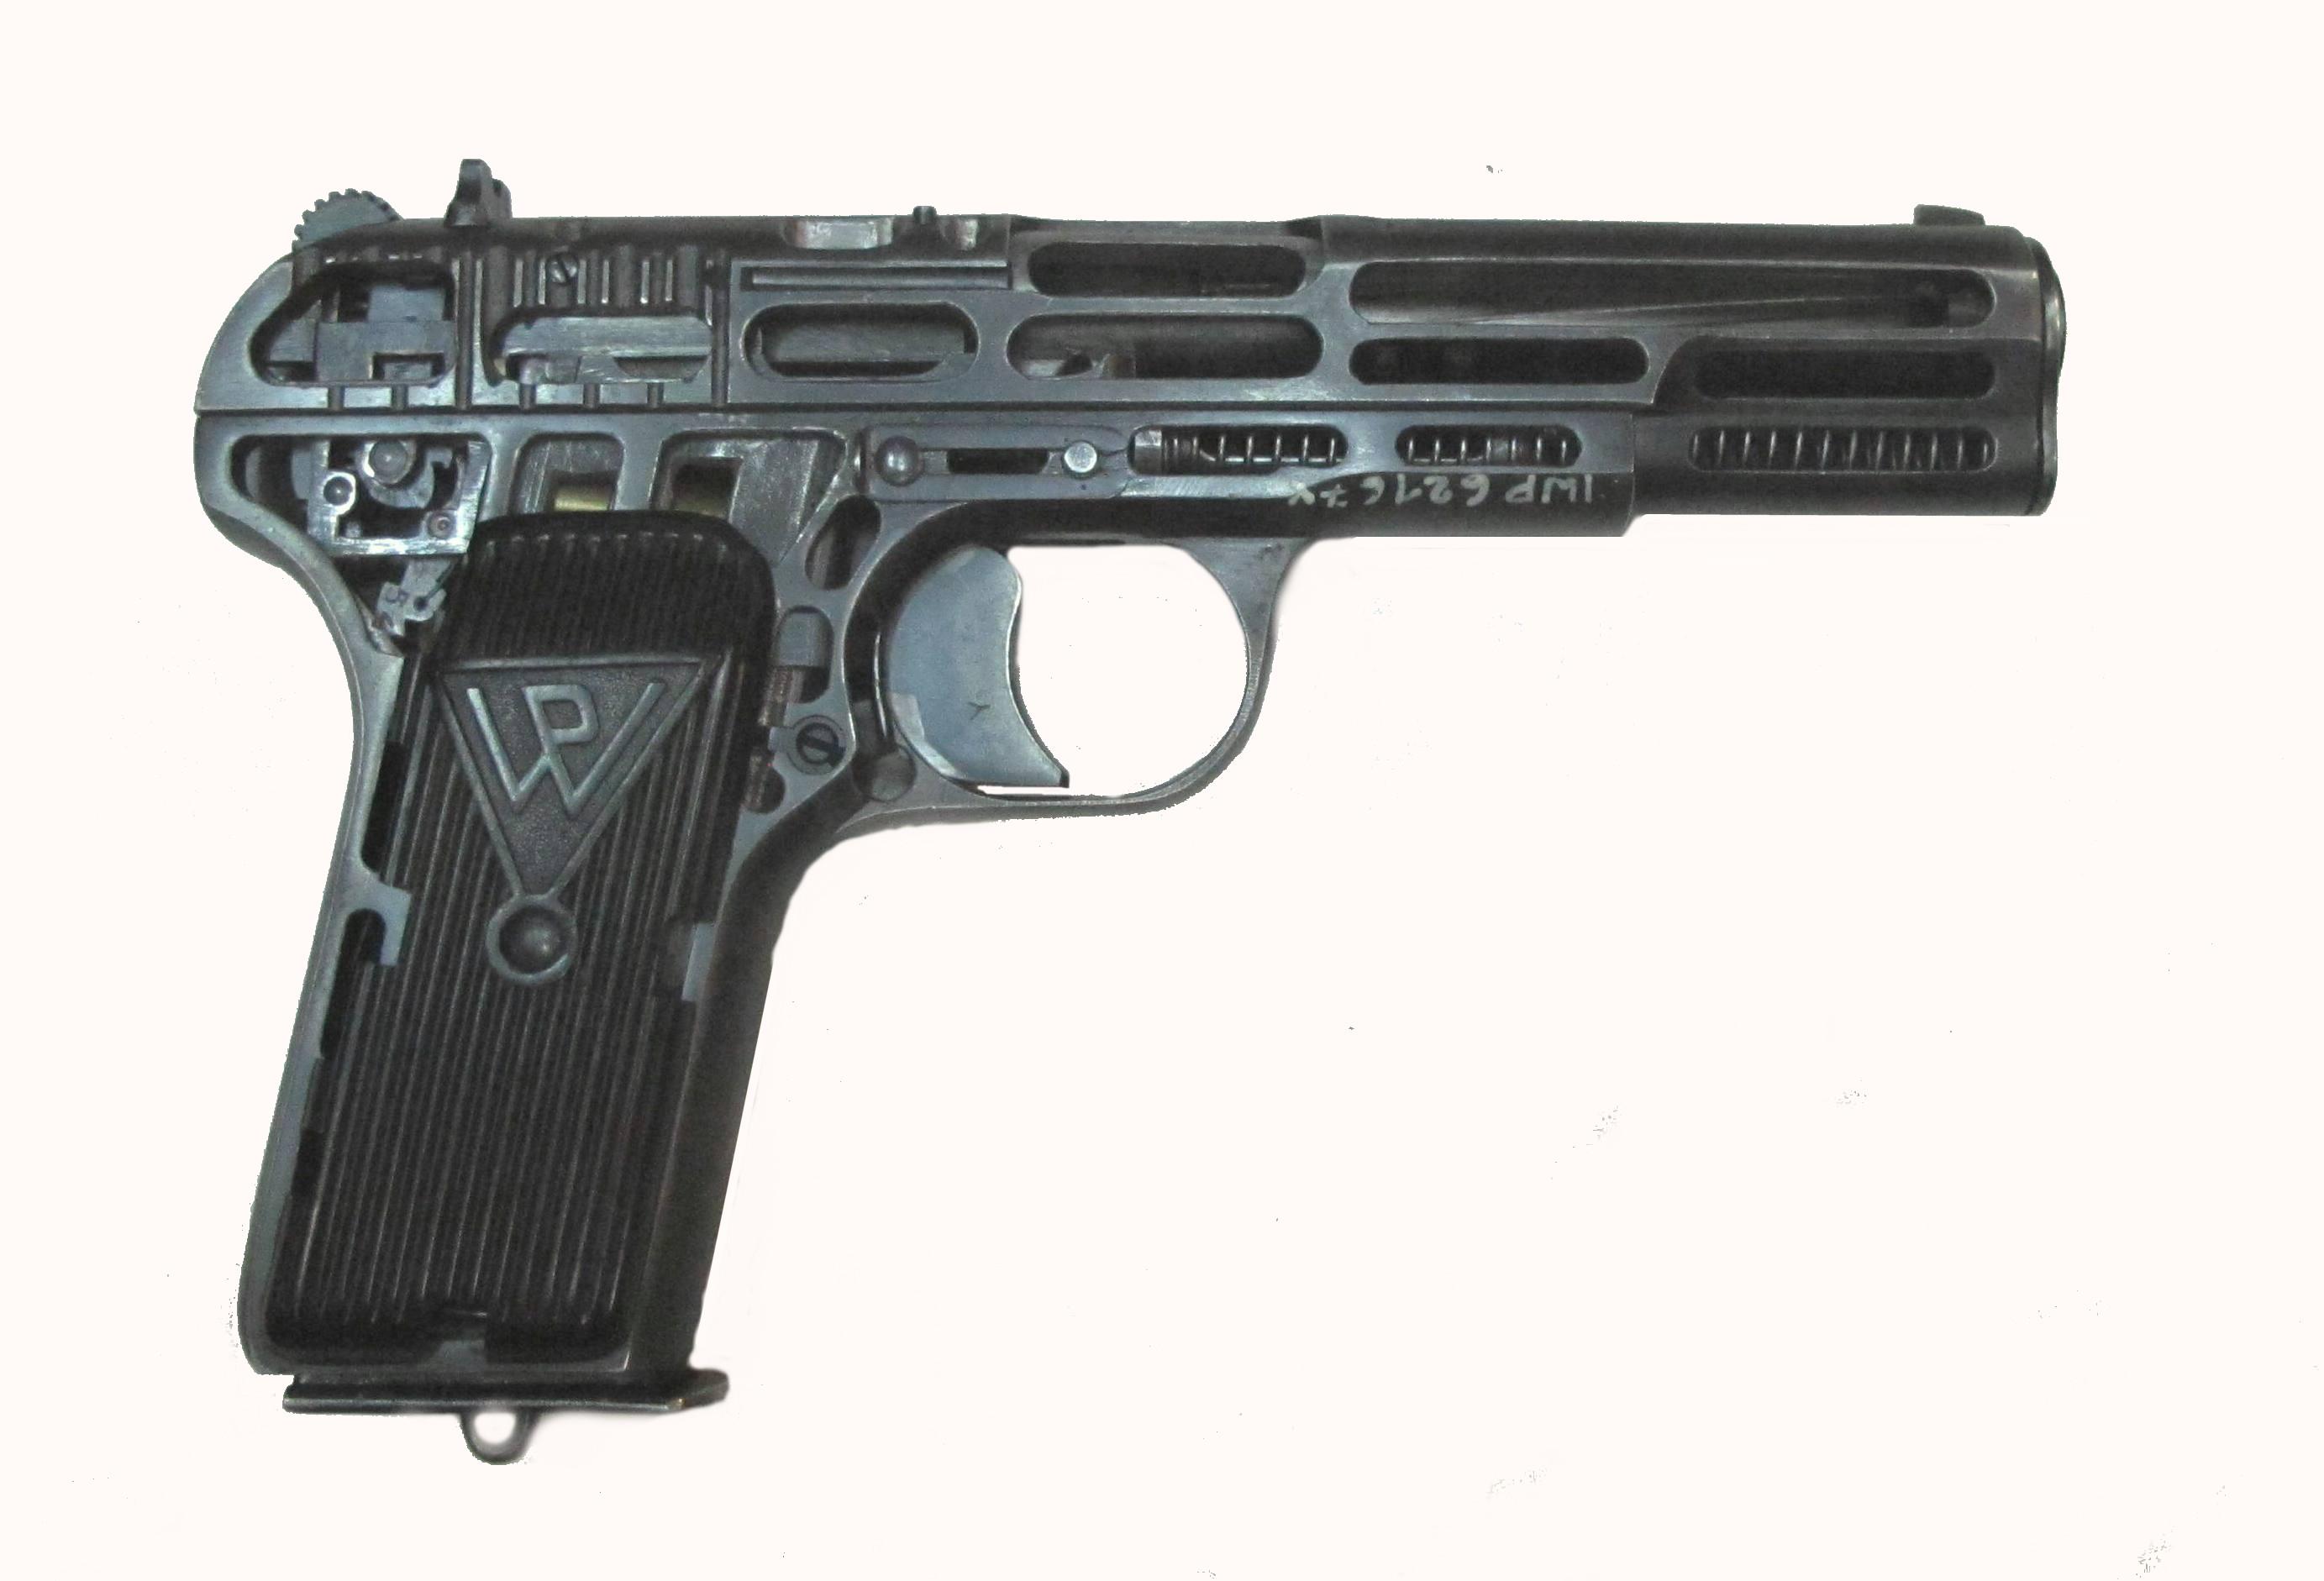 Pistolet wojskowy wz.33 kal. 7,62 mm - przekrój